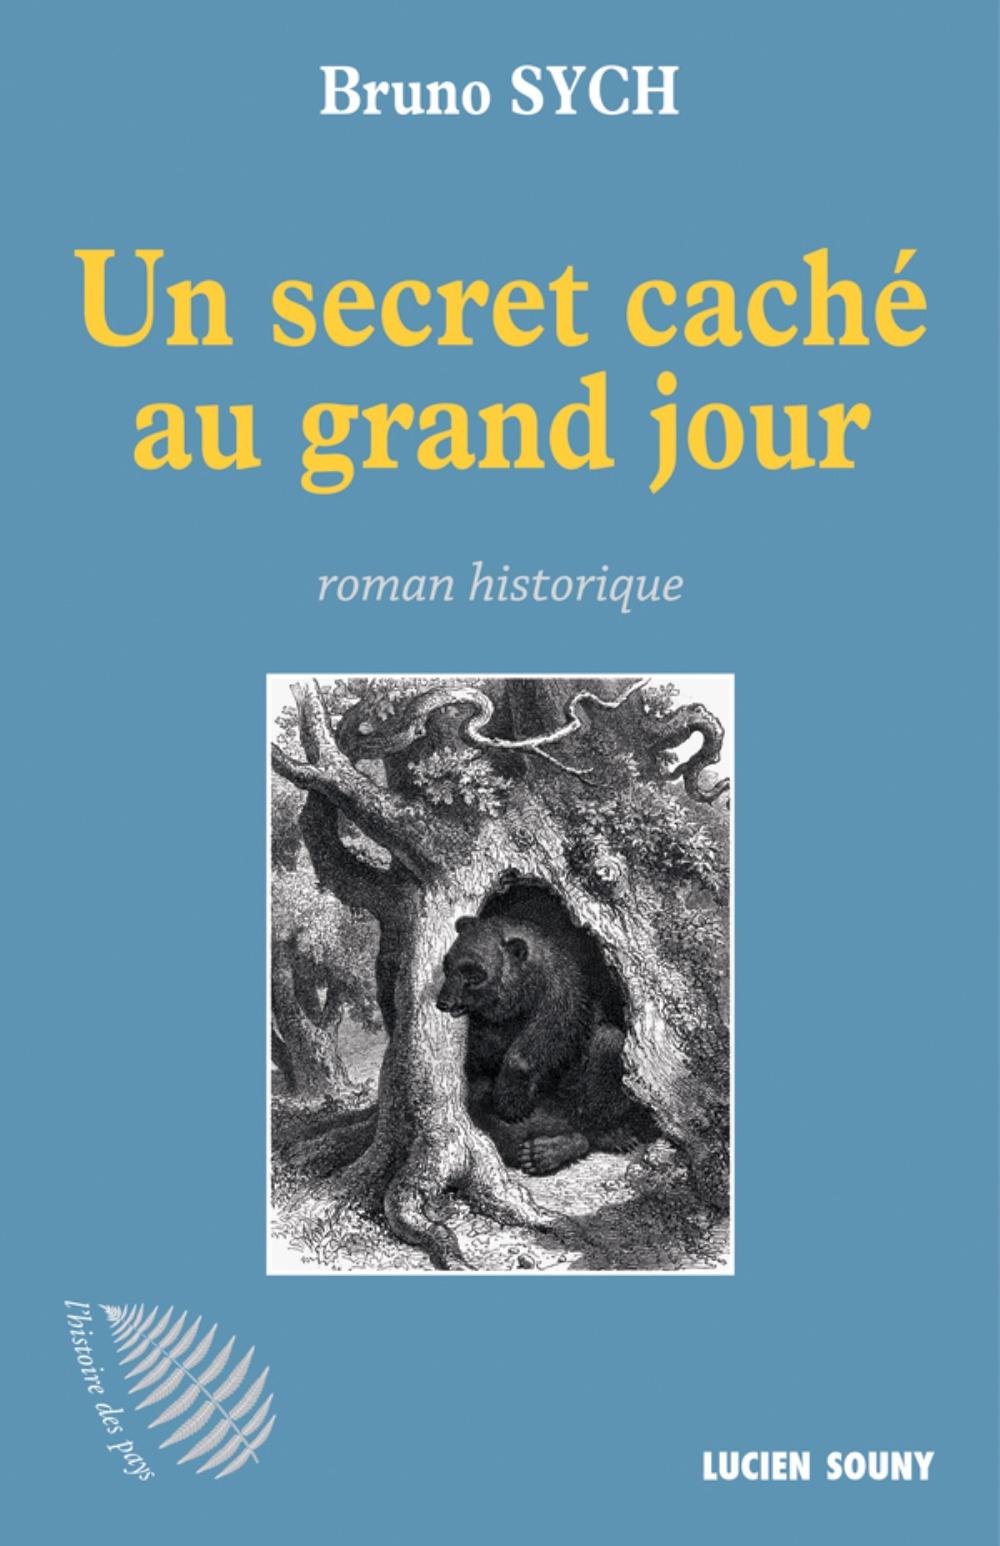 SECRET CACHE AU GRAND JOUR (UN